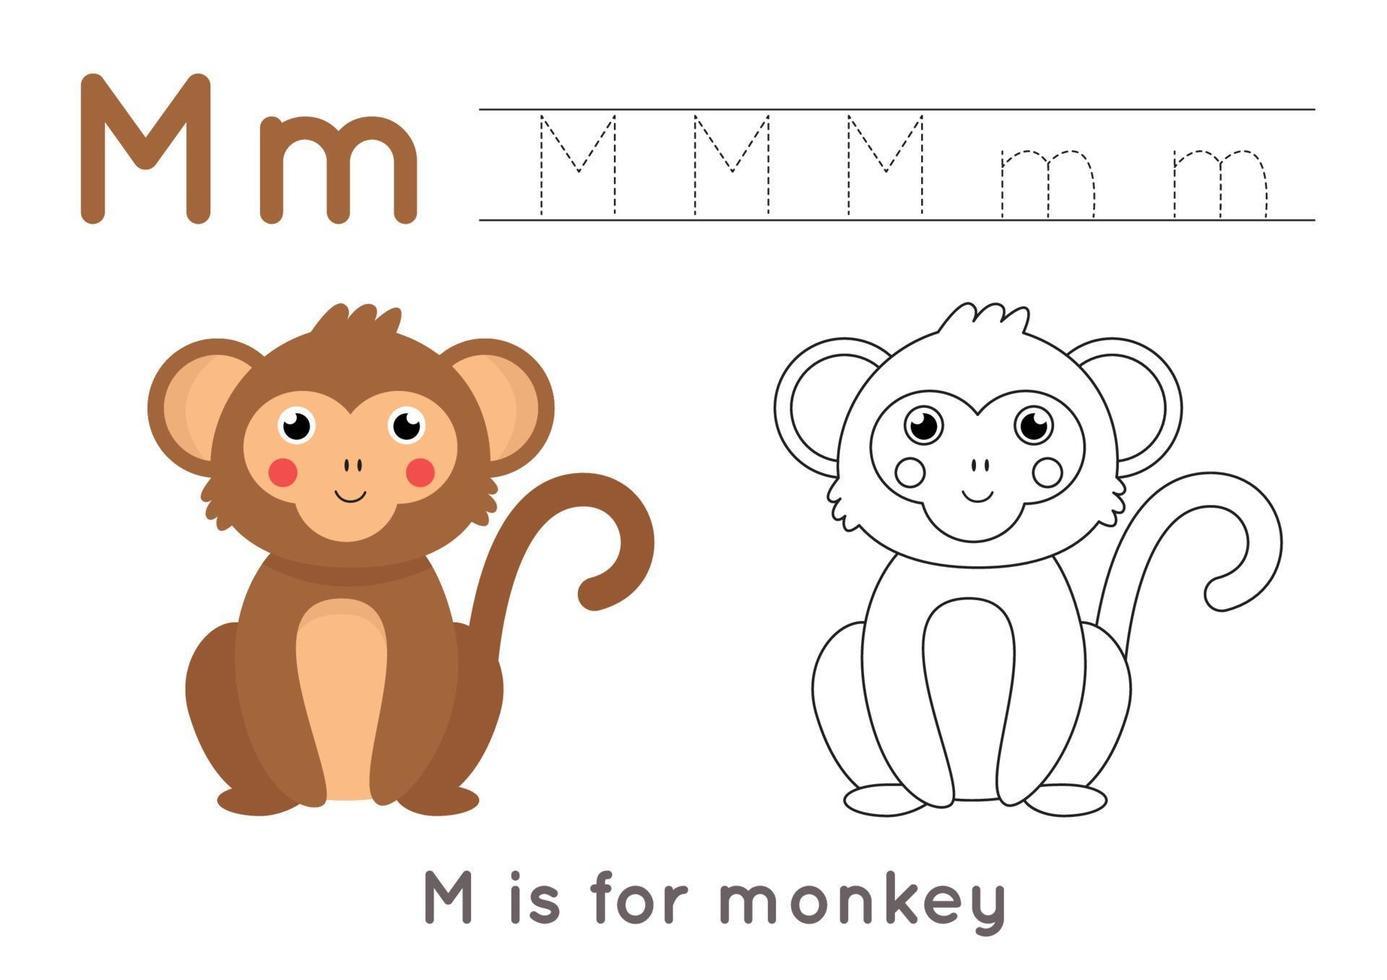 pagina da colorare e tracciare con la lettera m e una scimmia simpatico cartone animato. vettore